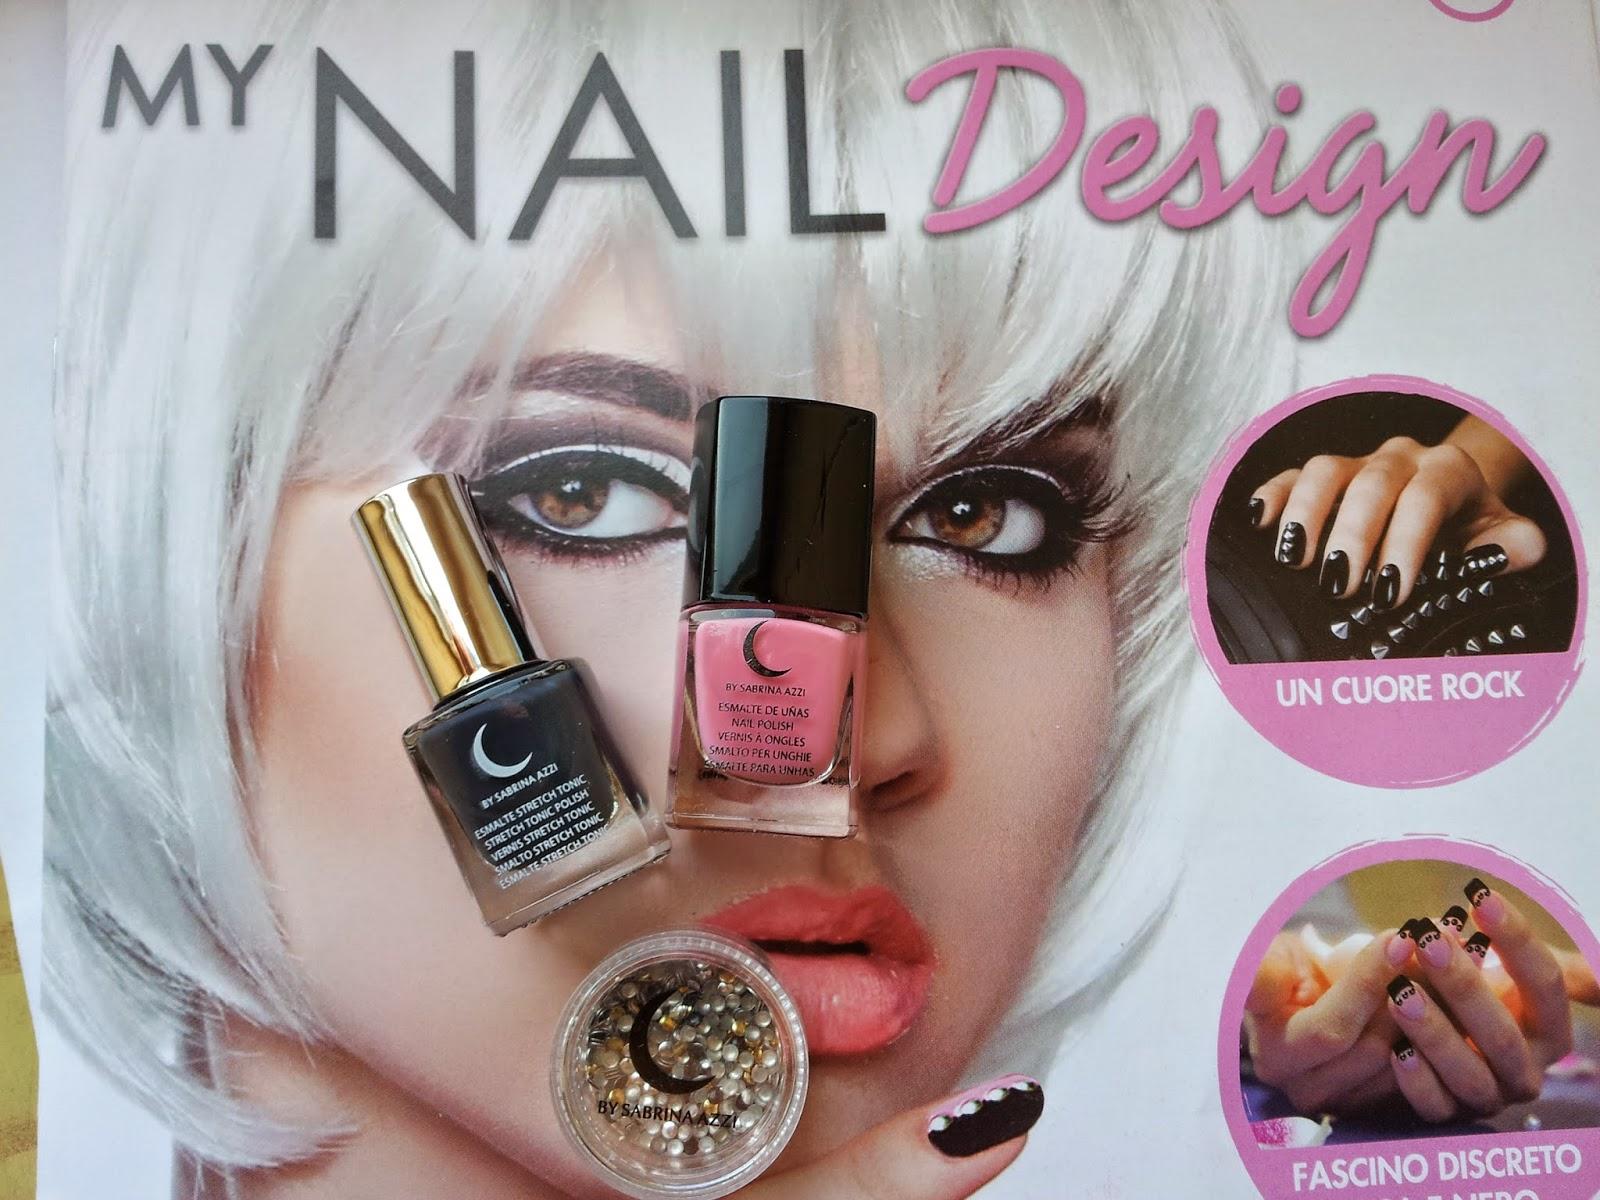 My Nail Design De Agostini: le novità della quarta uscita